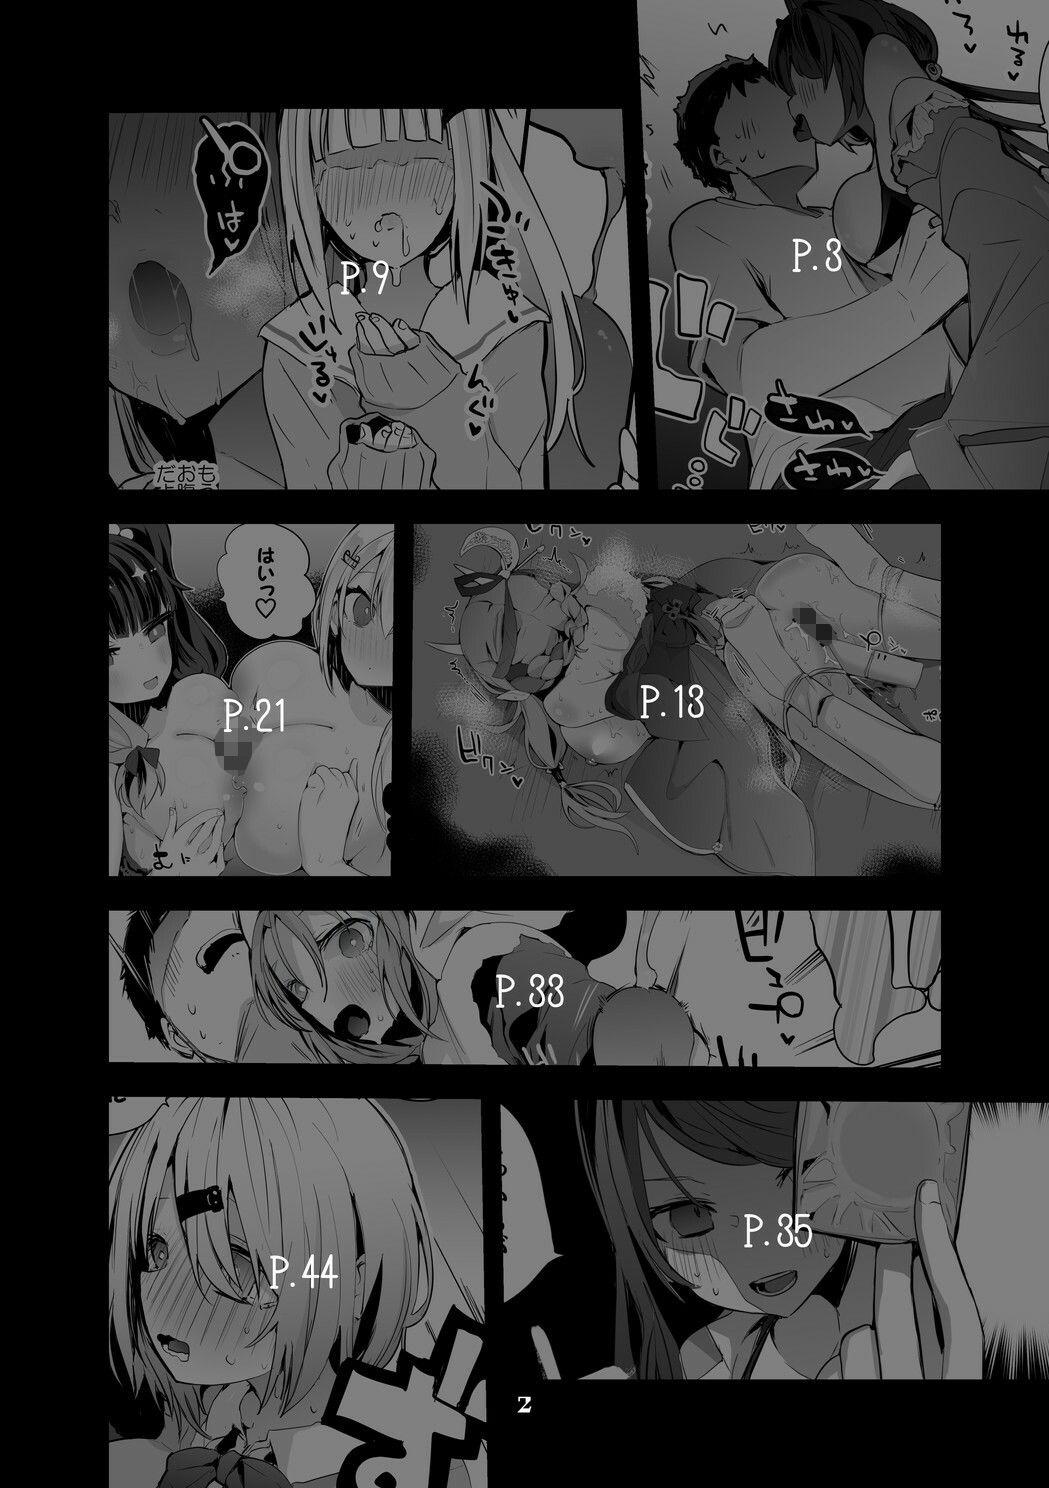 にじエロまとめ本1